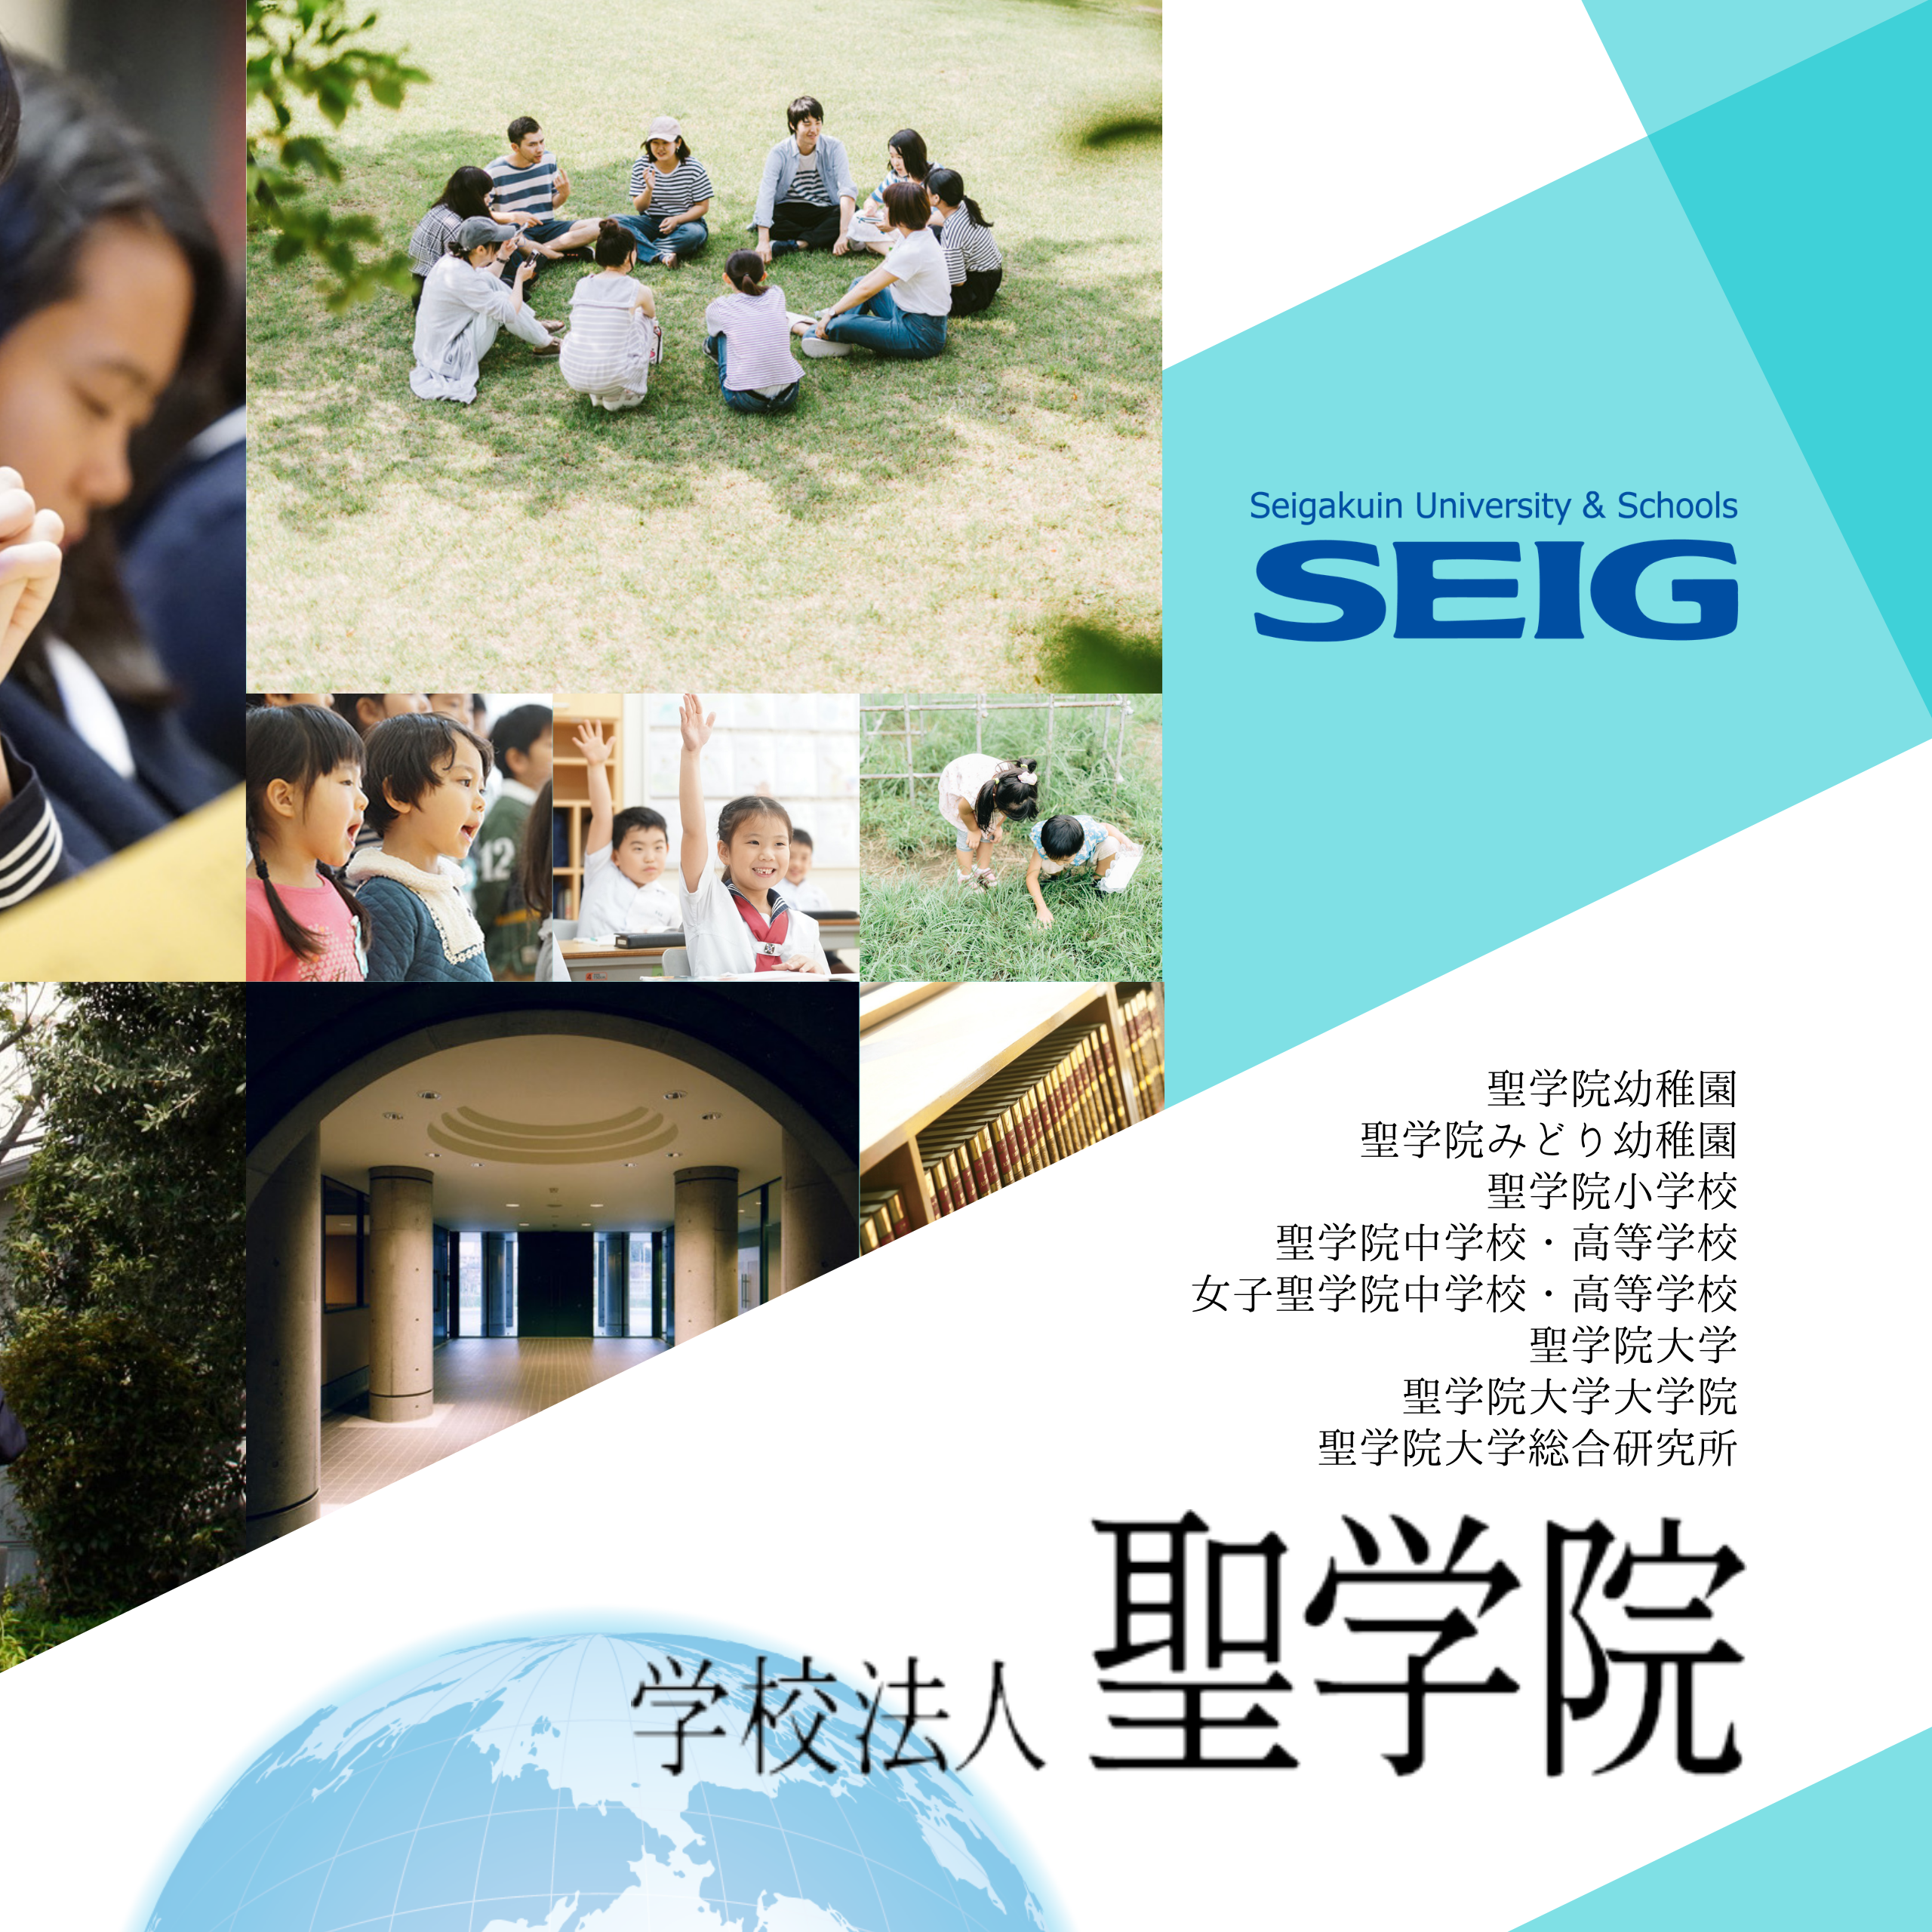 学校法人聖学院「エコプロOnline 2020 持続可能な社会の実現に向けて」に出展 -- 地球や社会環境の課題をジブンゴトとして積極的に学ぶ --